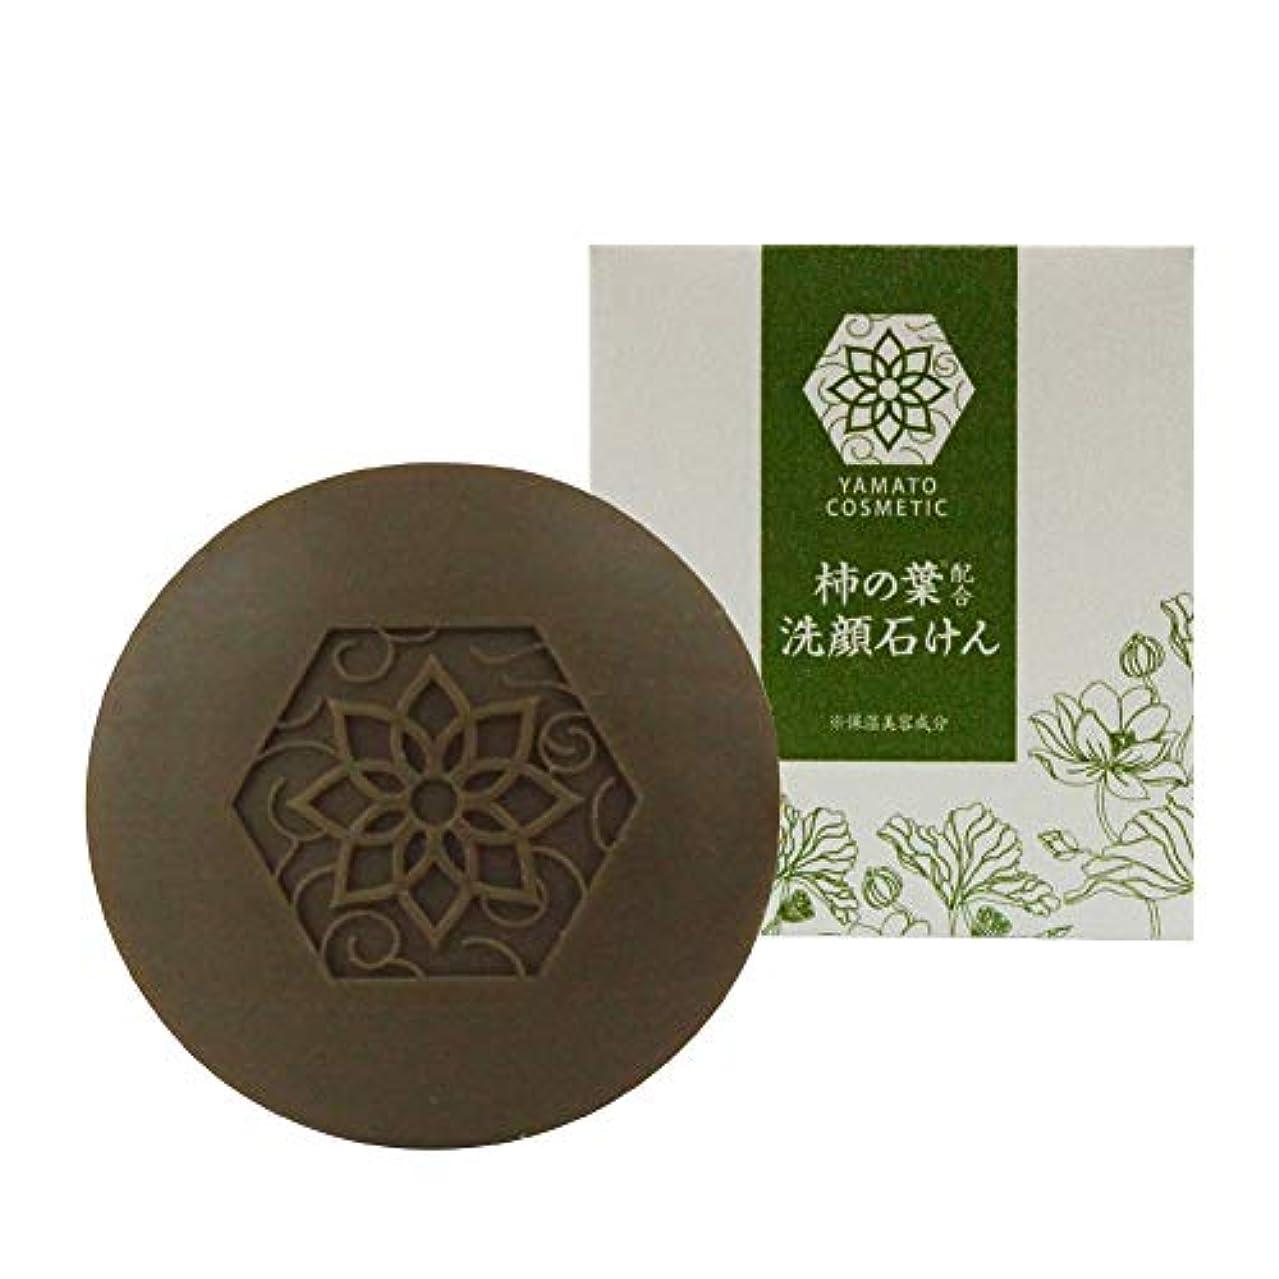 モーター無線保護やまとコスメティック 柿の葉洗顔石けん 60g